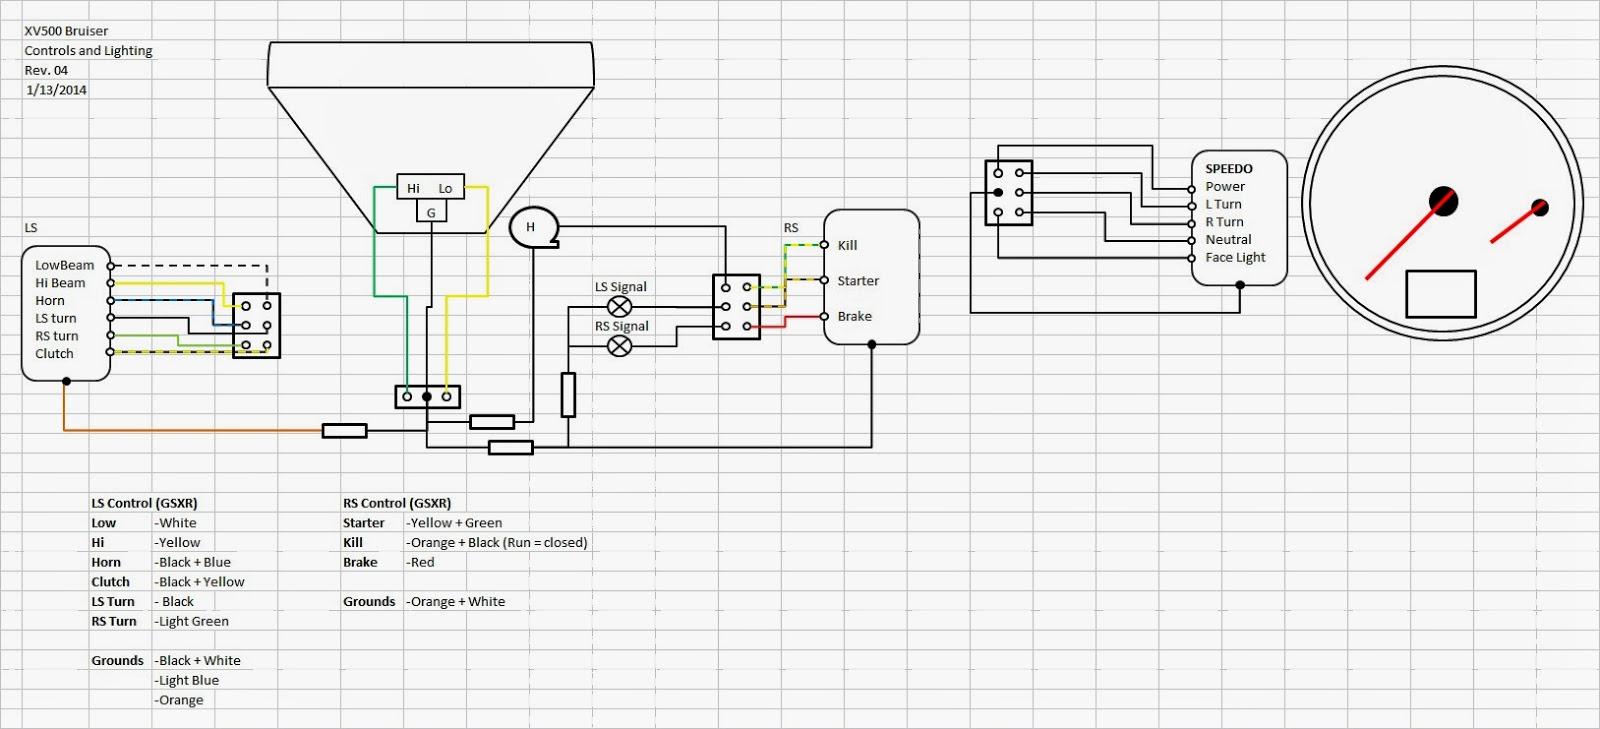 suzuki bandit 1200 wiring diagram isuzu npr stereo 2007 hayabusa - imageresizertool.com